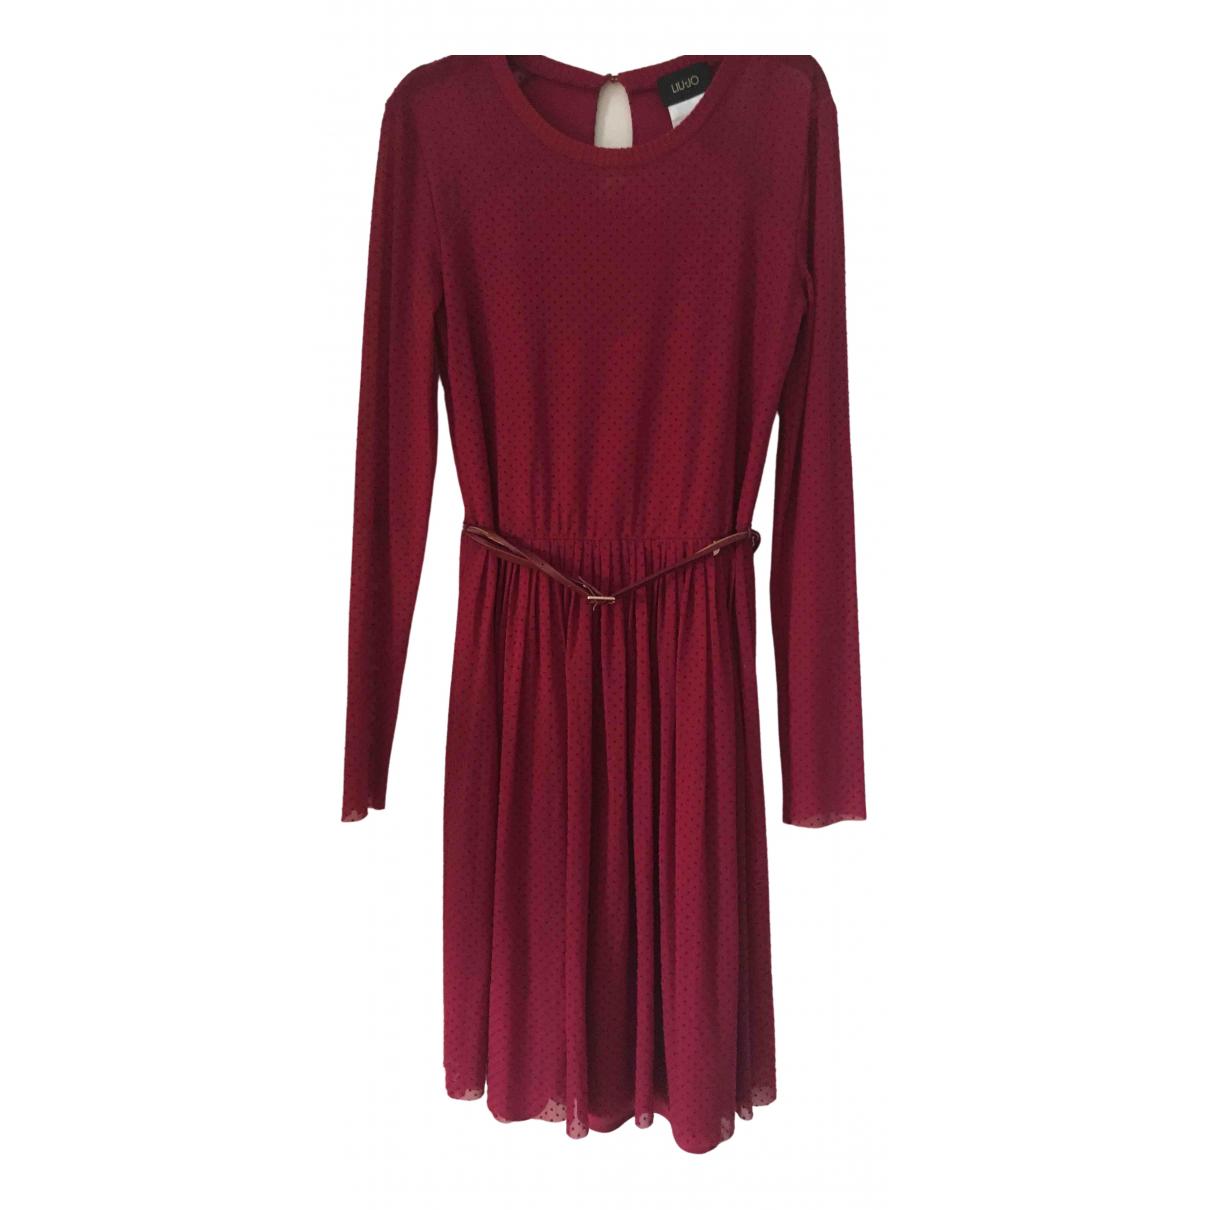 Liu.jo \N Kleid in  Bordeauxrot Synthetik